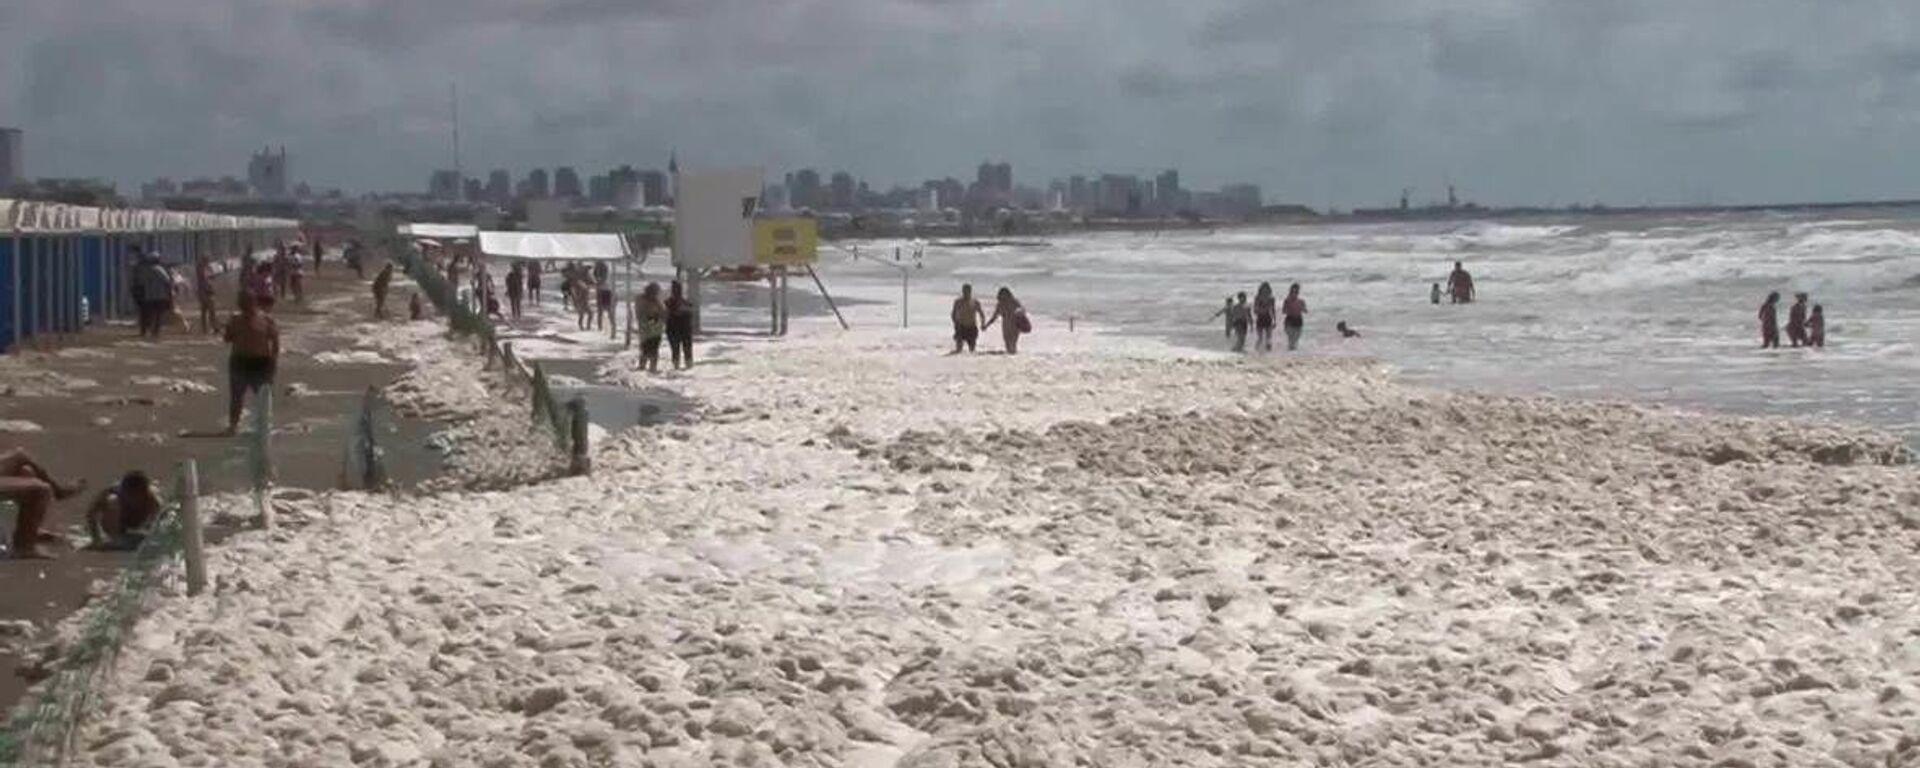 Αλλόκοτο φαινόμενο στην Αργεντινή: Παραλίες καλύφθηκαν από πυκνό στρώμα αφρού - Sputnik Ελλάδα, 1920, 04.02.2021